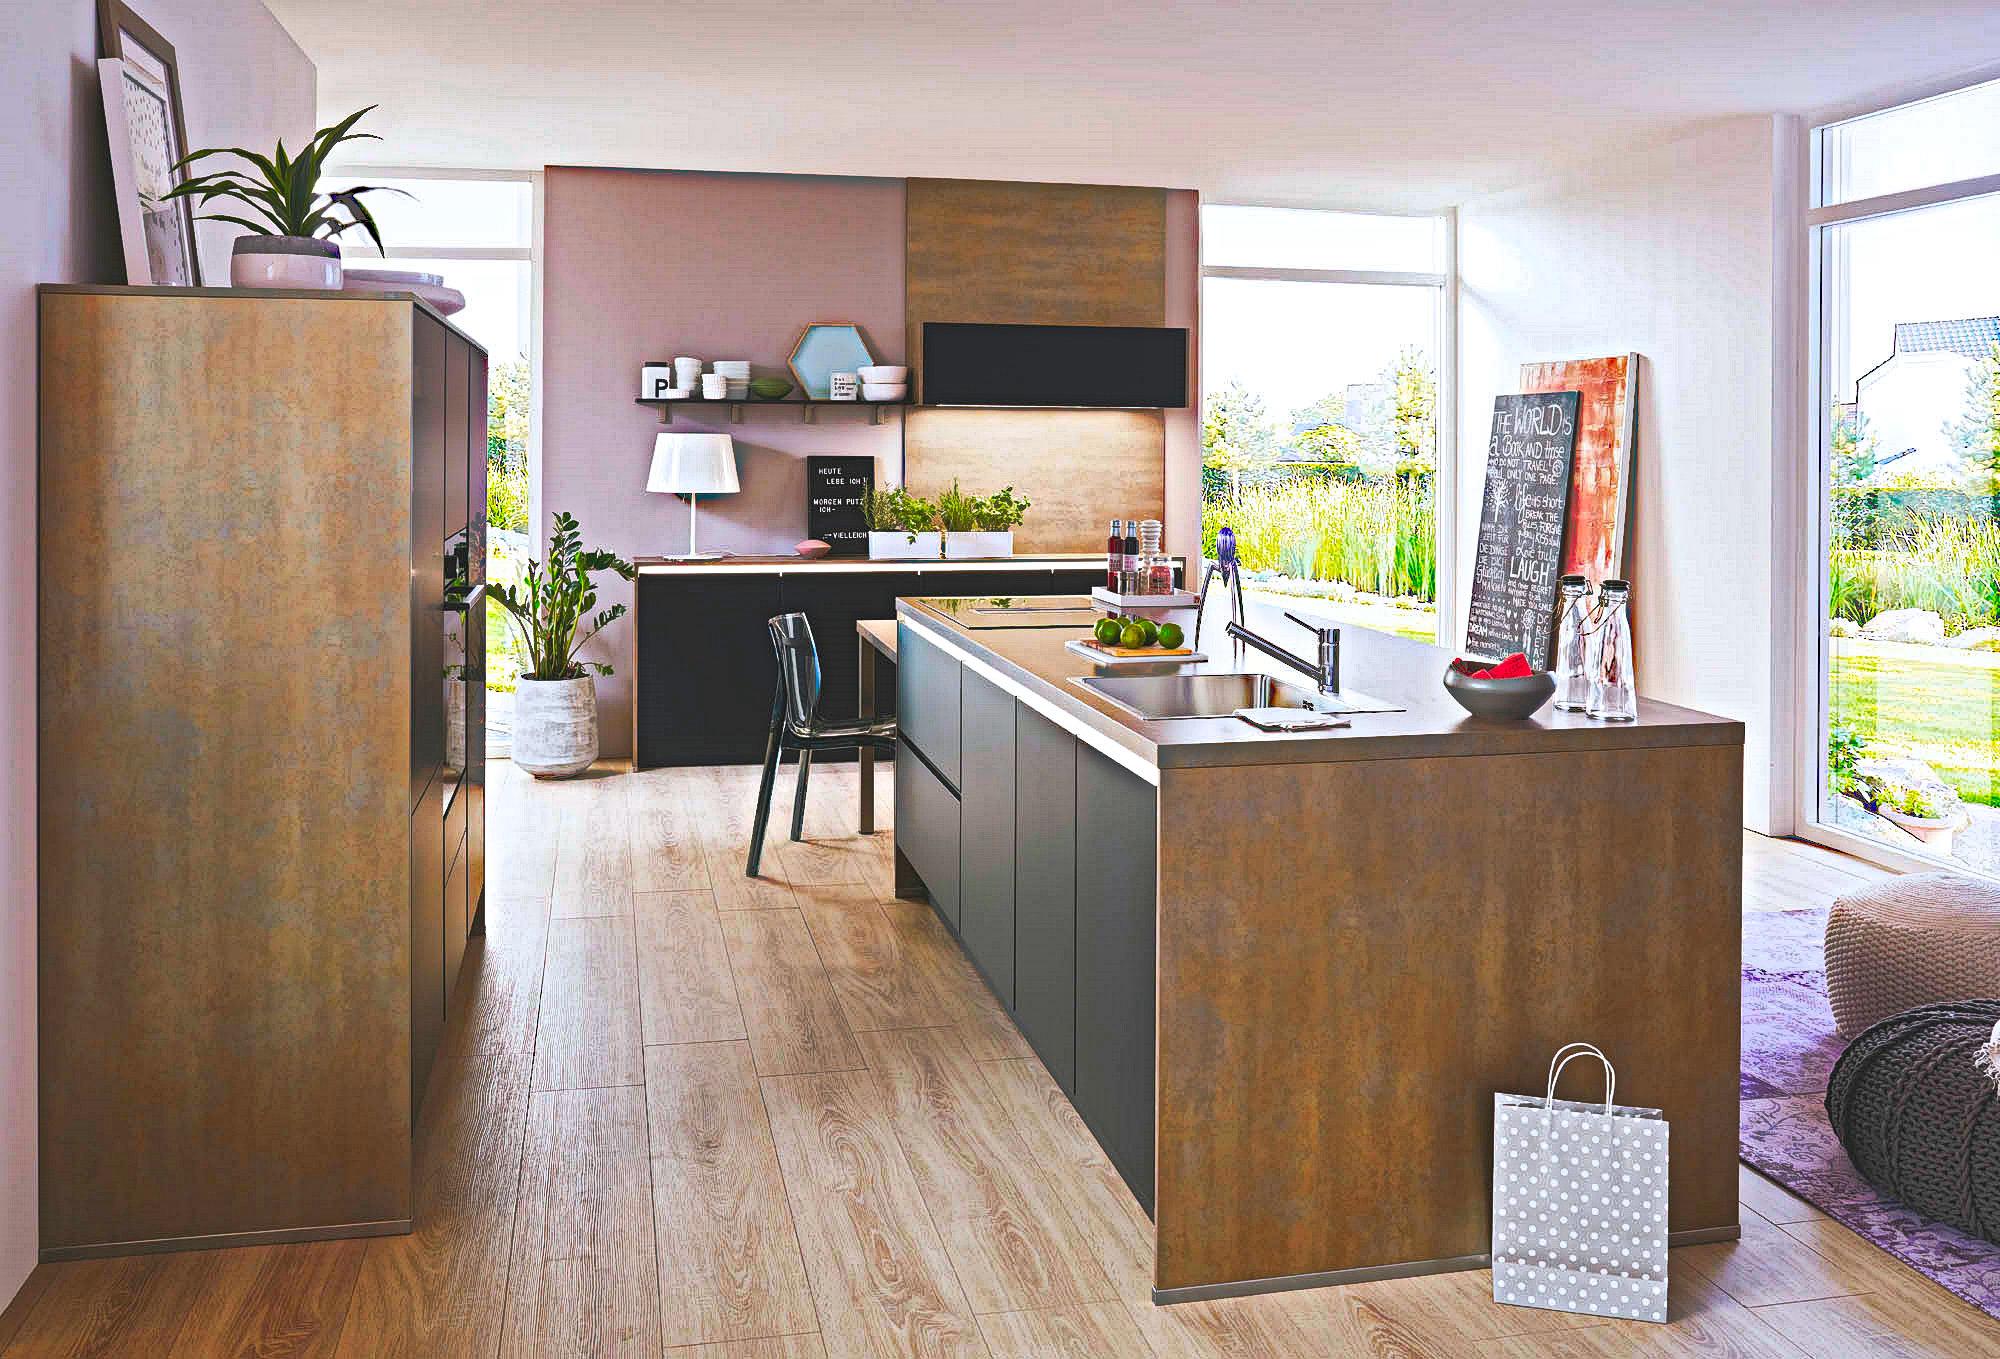 Full Size of Küche Industrial Style Kchen Gnstig Kaufen Brse 030 609848088 Gewinnen Eckunterschrank Ohne Elektrogeräte Musterküche Finanzieren Günstig Essplatz Küche Küche Industrial